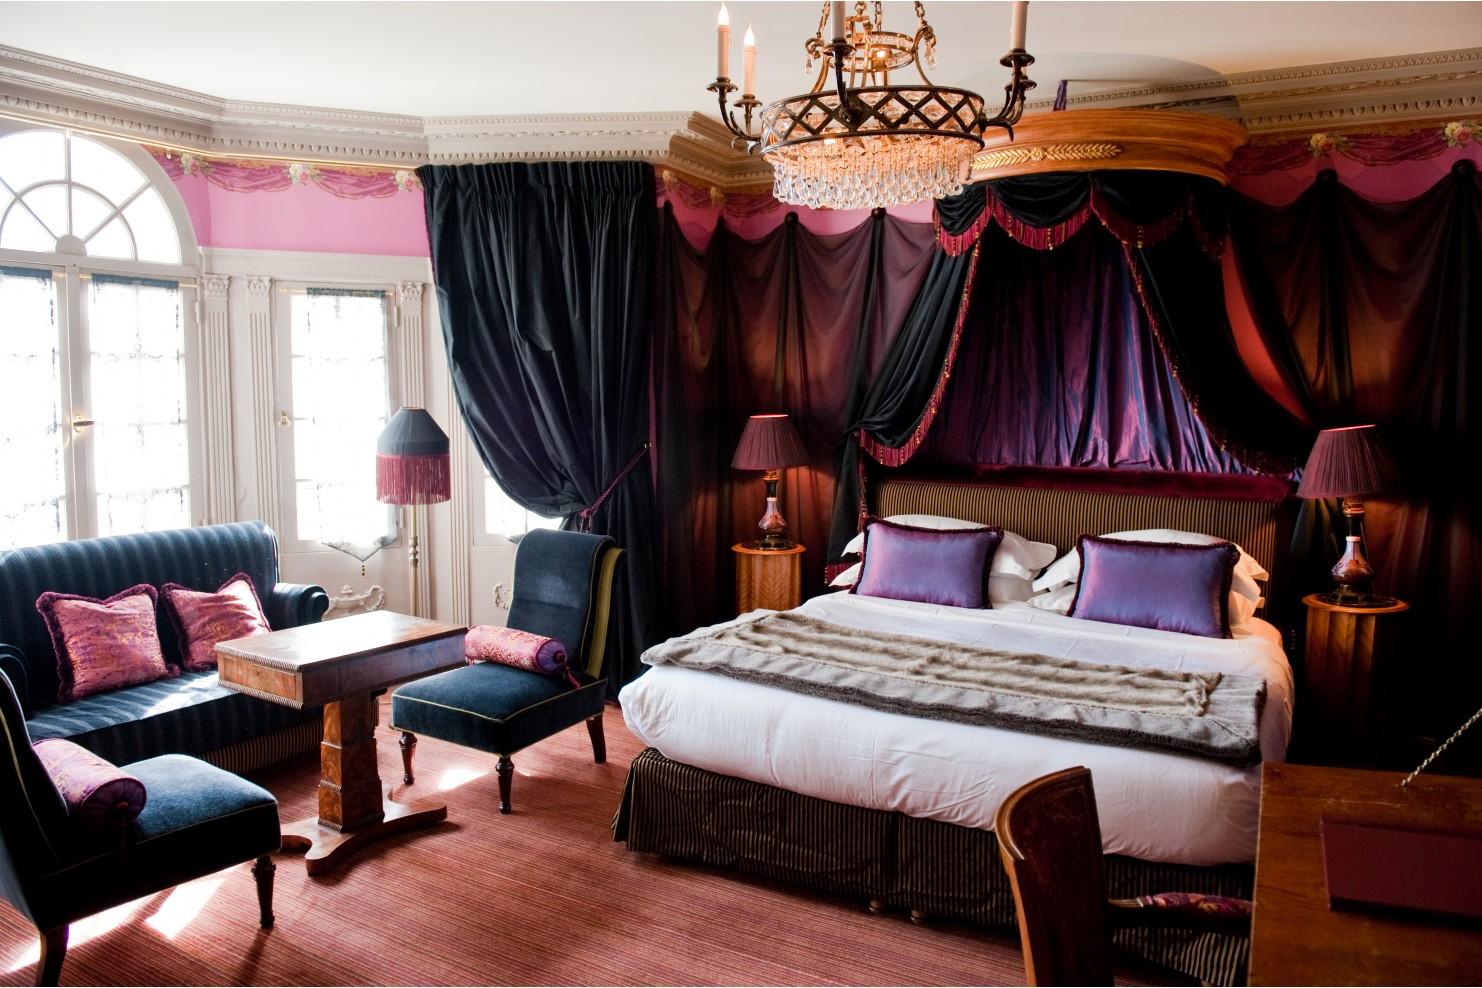 Boutique hotels in Saint-Germain-des-Prés | Best luxury